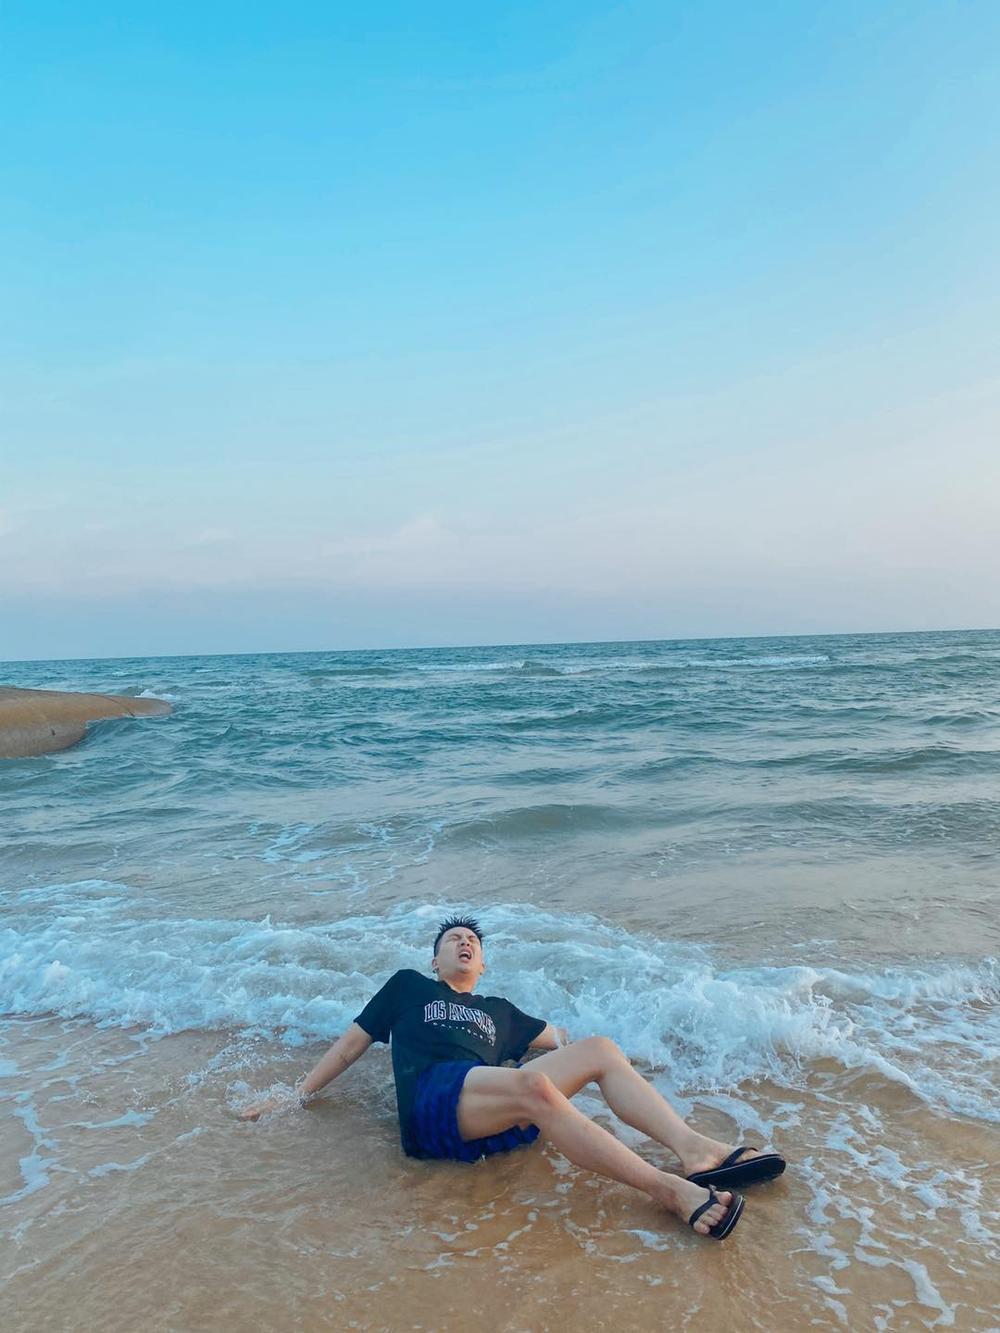 Bắt chước khoảnh khắc soái ca, Duy Khánh bất ngờ cho ra bộ sưu tập ảnh 'đuối nước' Ảnh 3